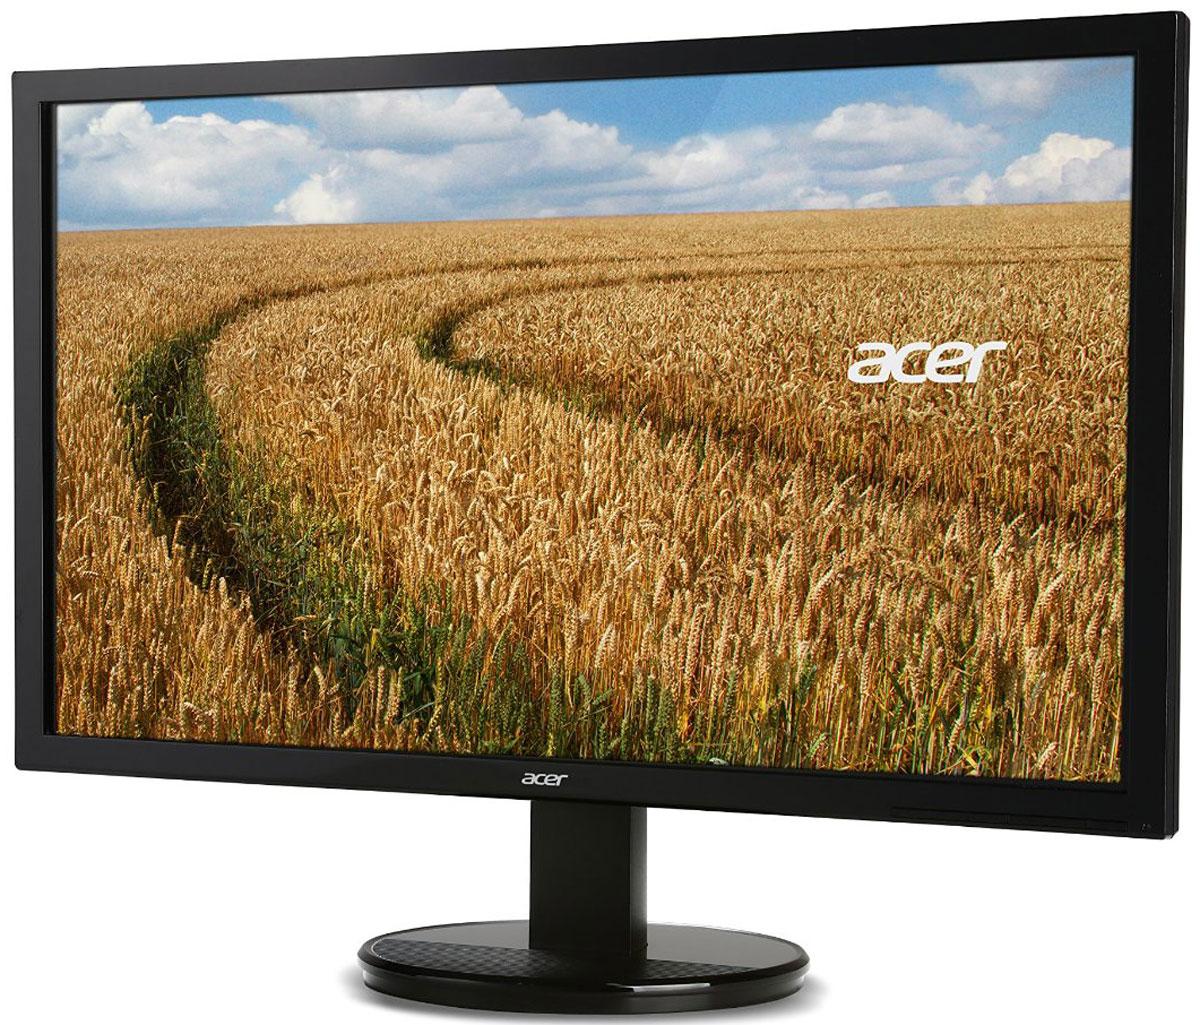 Acer K192HQLB, Black мониторUM.XW3EE.002Монитор Acer K192HQLB — это доступное по цене устройство для повседневного использования. Он обеспечивает максимальный комфорт без ущерба для качества изображения. Стильный дизайн совмещает в себе широкие возможности подключения, с помощью различных портов, отличную производительность по привлекательной цене.Благодаря высокой детализации на экране со светодиодной подсветкой и разрешением Full HD, вы получите еще больше удовольствия от работы и развлечений. Благодаря системе адаптивного управления контрастностью Acer Adaptive Contrast Management, яркие цвета делают великолепное изображение еще лучше.Экран ComfyView предотвращает бликование для более комфортного просмотра. Также он воспроизводит яркие цвета, чтобы вы получили удовольствие от просмотра. Установите угол обзора дисплея Acer K192HQLB для оптимального просмотра с помощью эргономичной подставки, угол наклона которой составляет от -5 до 25 градусов.Монитор Acer K192HQLB является безопасным как для пользователей, так и для окружающей среды благодаря использованию безртутной белой светодиодной подсветки и соответствию требованиям ENERGY STAR 6.0. В технологиях Acer EcoDisplay используется стекло для дисплея, не содержащее мышьяка, которое не наносит вреда окружающей среде. Кроме того, упаковка Acer произведена из переработанных материалов.